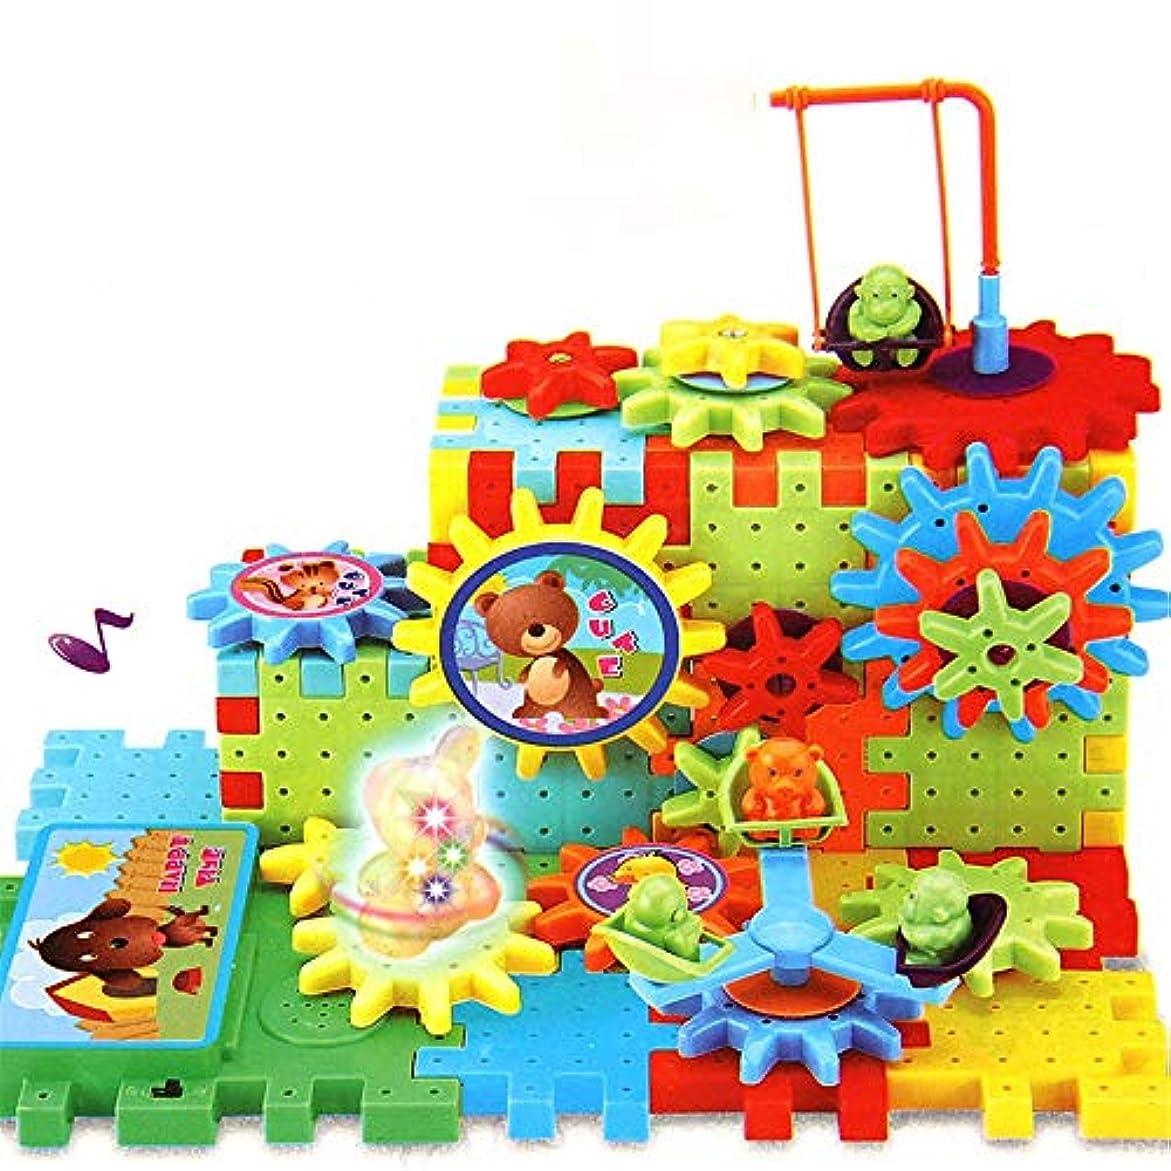 成人期十代農業の子供3-12歳のビルディングブロック子供知育玩具電気照明パズルビルディングブロックおもちゃ 知育玩具学習玩具建物の想像力と創造性成長のビルディングブロック (Color : Multi-colored, Size : One size)